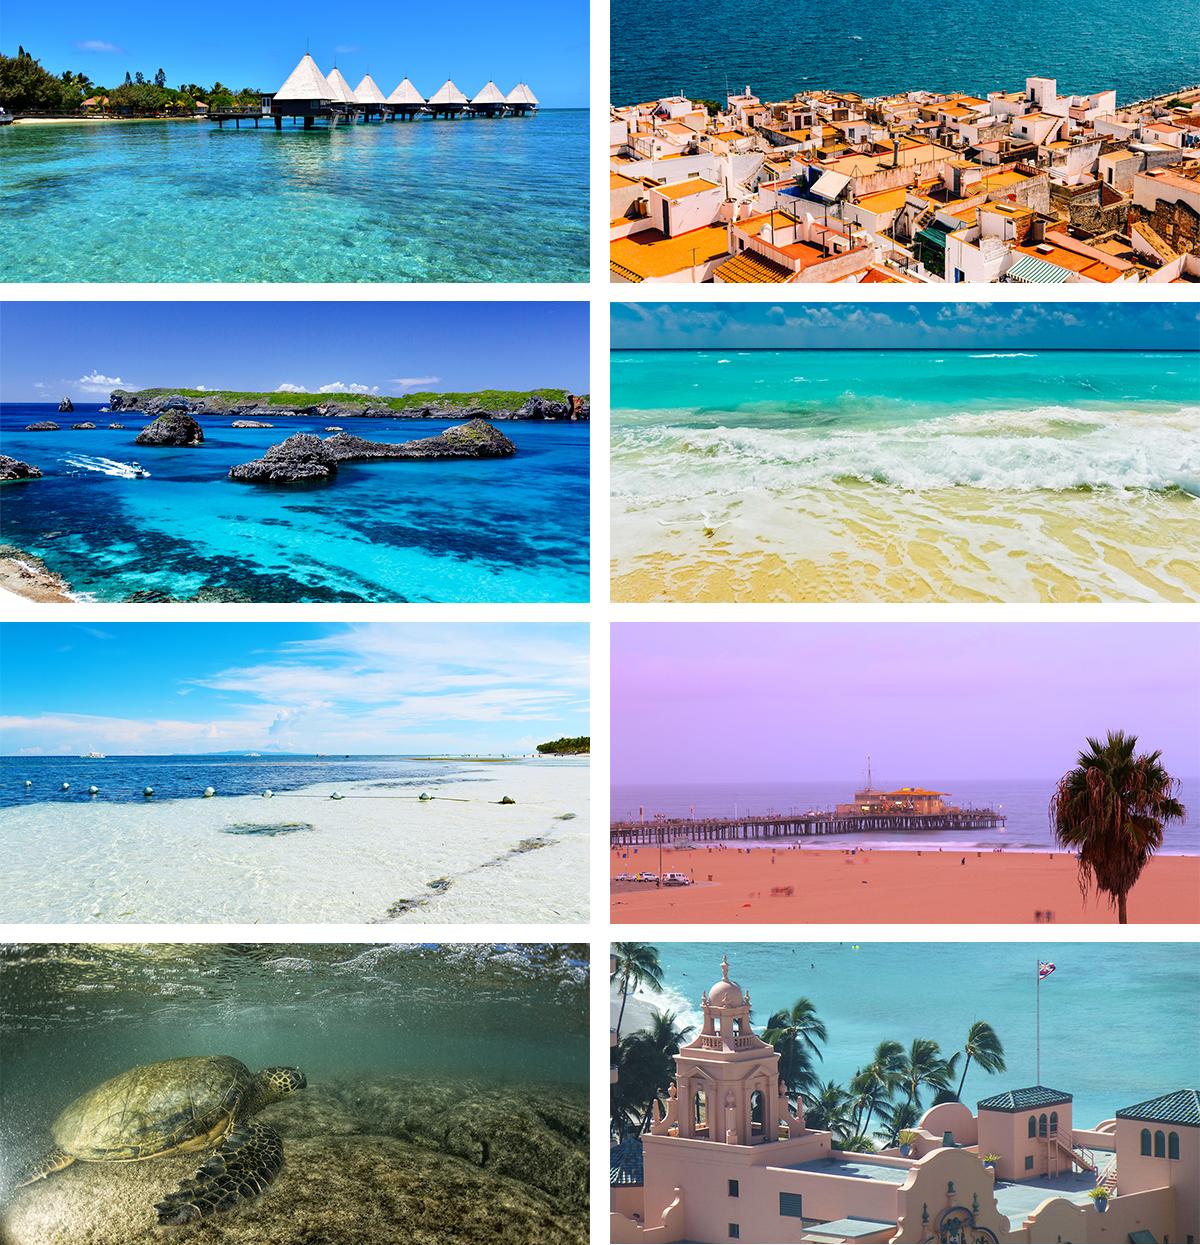 「いま行きたい世界のビーチ」をテーマにしたビーチサンダル(全8色)|九十九サンダル